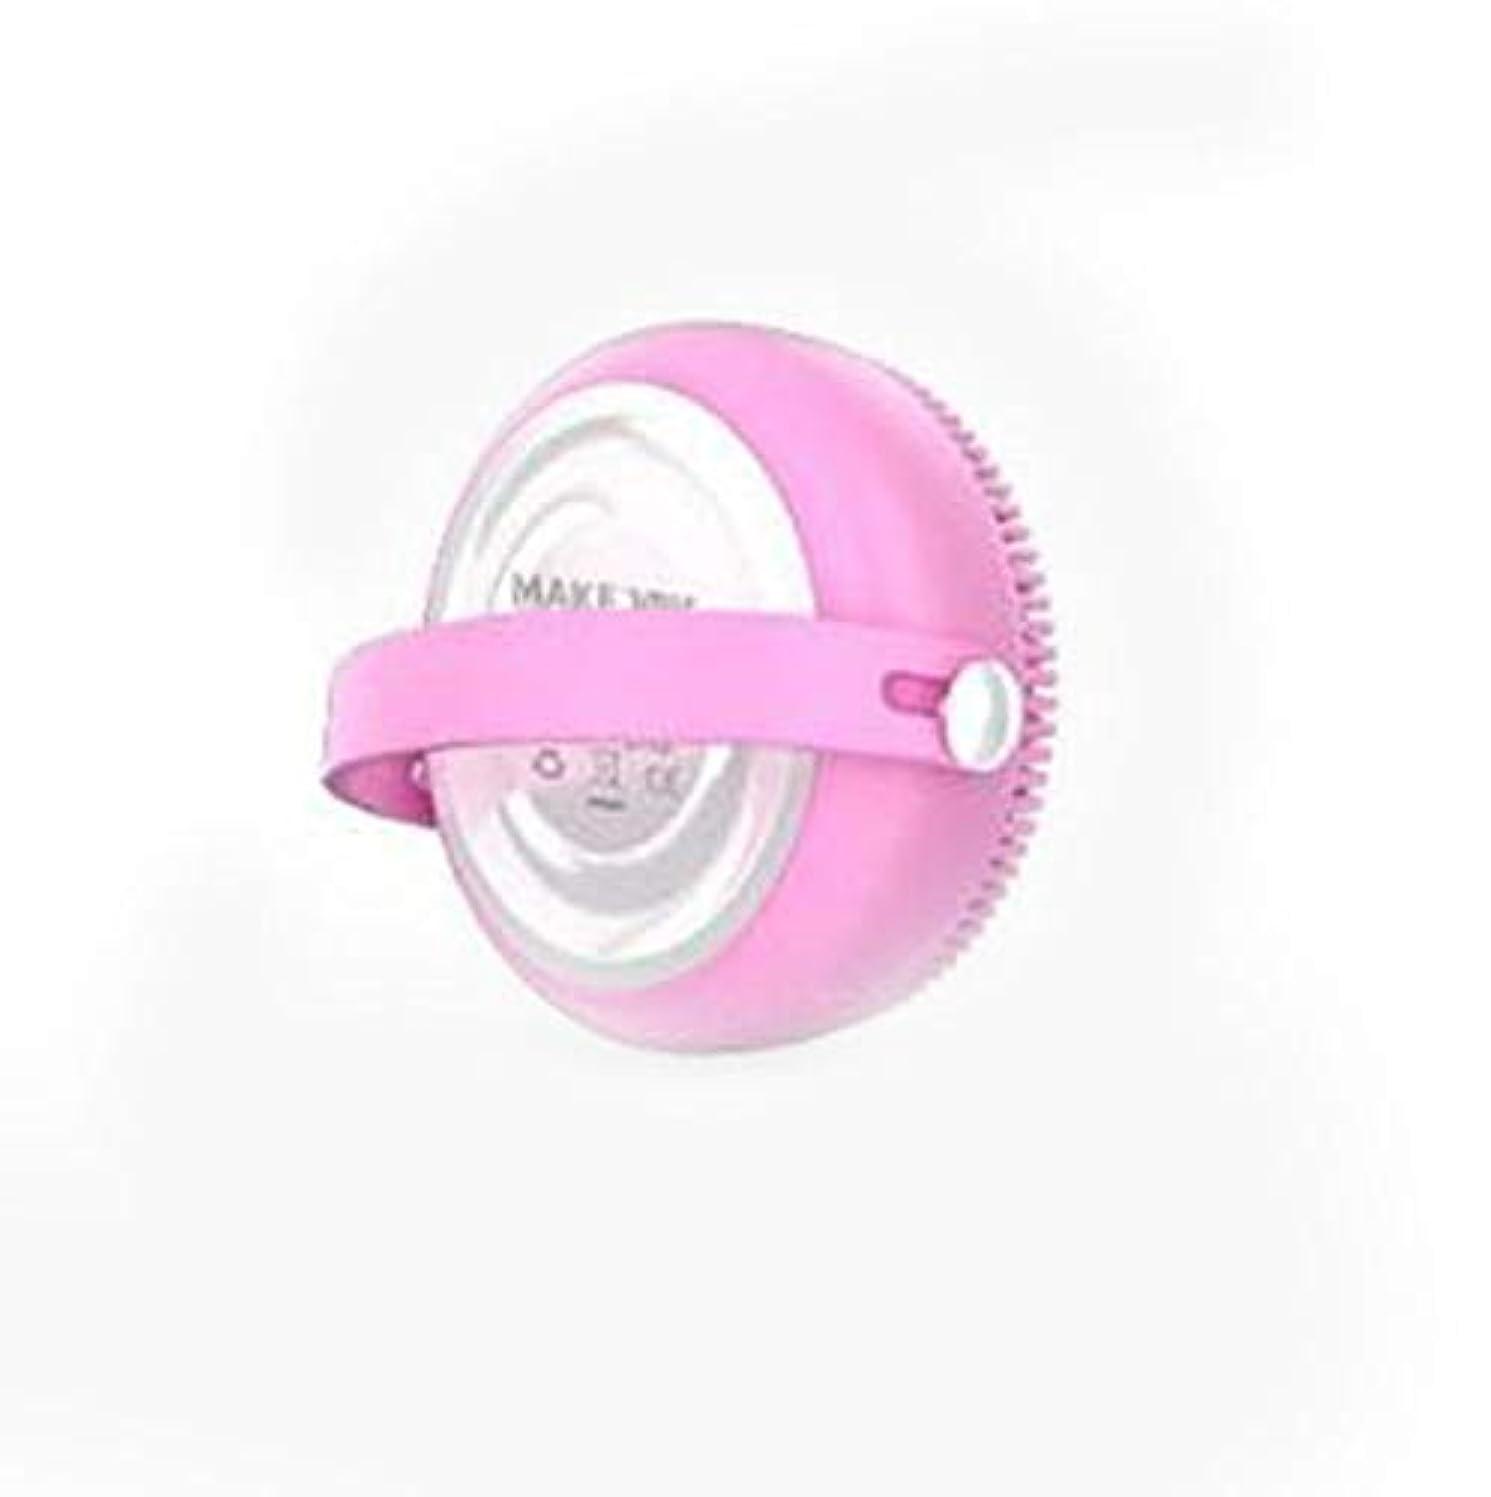 奨学金図やさしく洗顔シリコーン電気クリーニングブラシ洗濯機ミニ超音波インテリジェントメモリクレンジング楽器洗浄ブラシ美容器械マッサージ,Pink